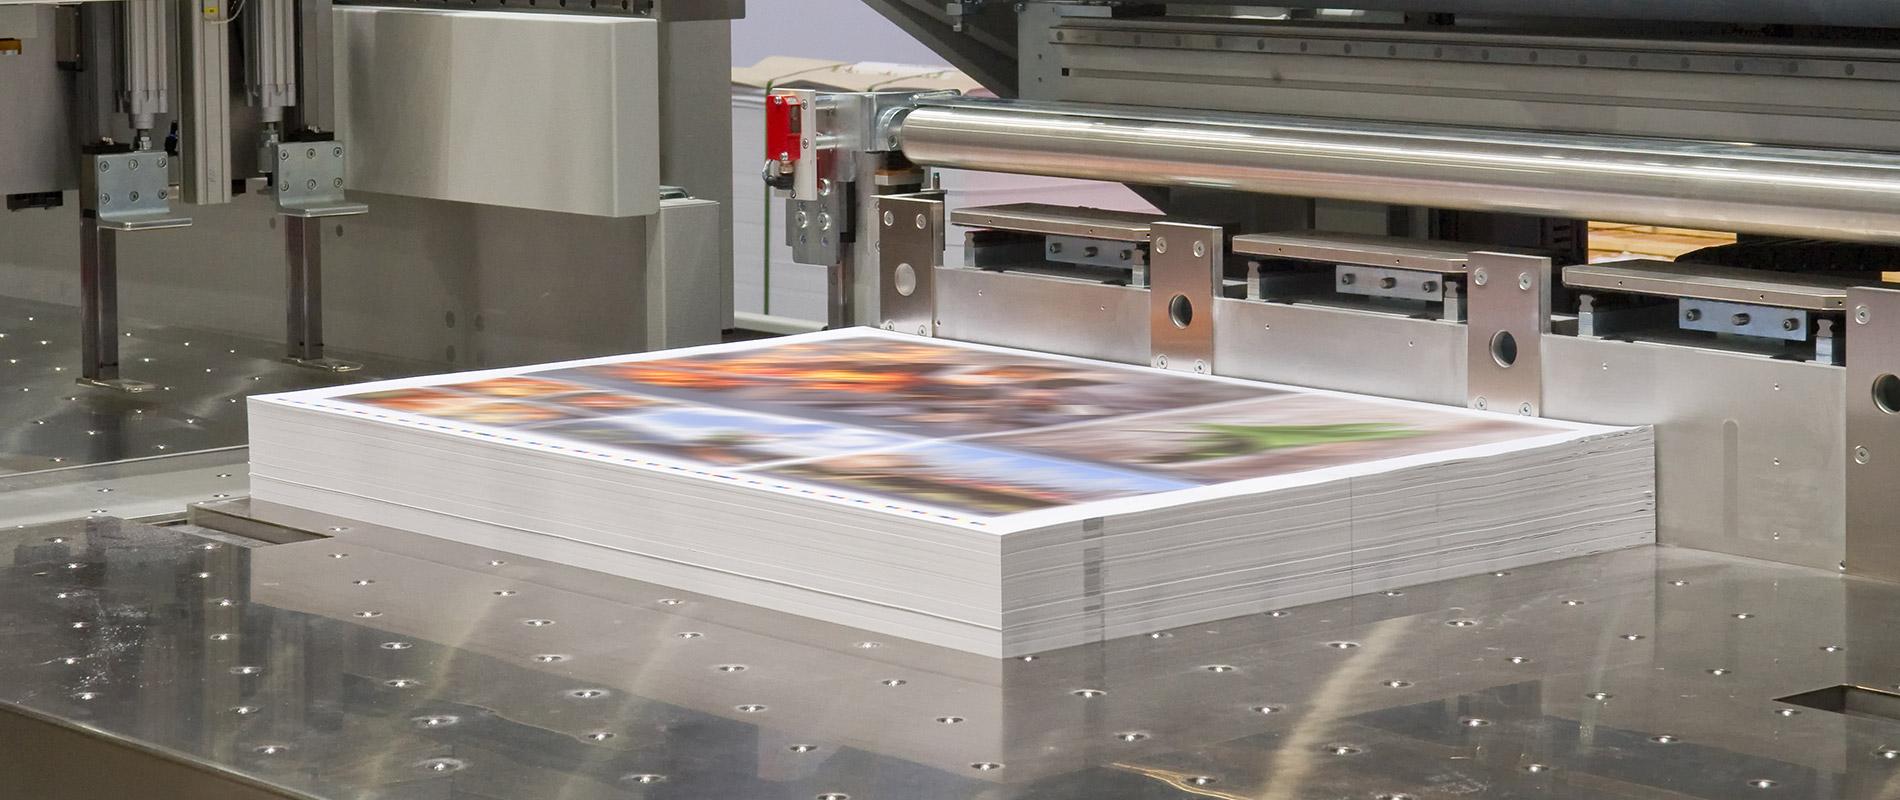 Dewitz Druck Ihre Druckerei Für Hochwertige Druckprodukte